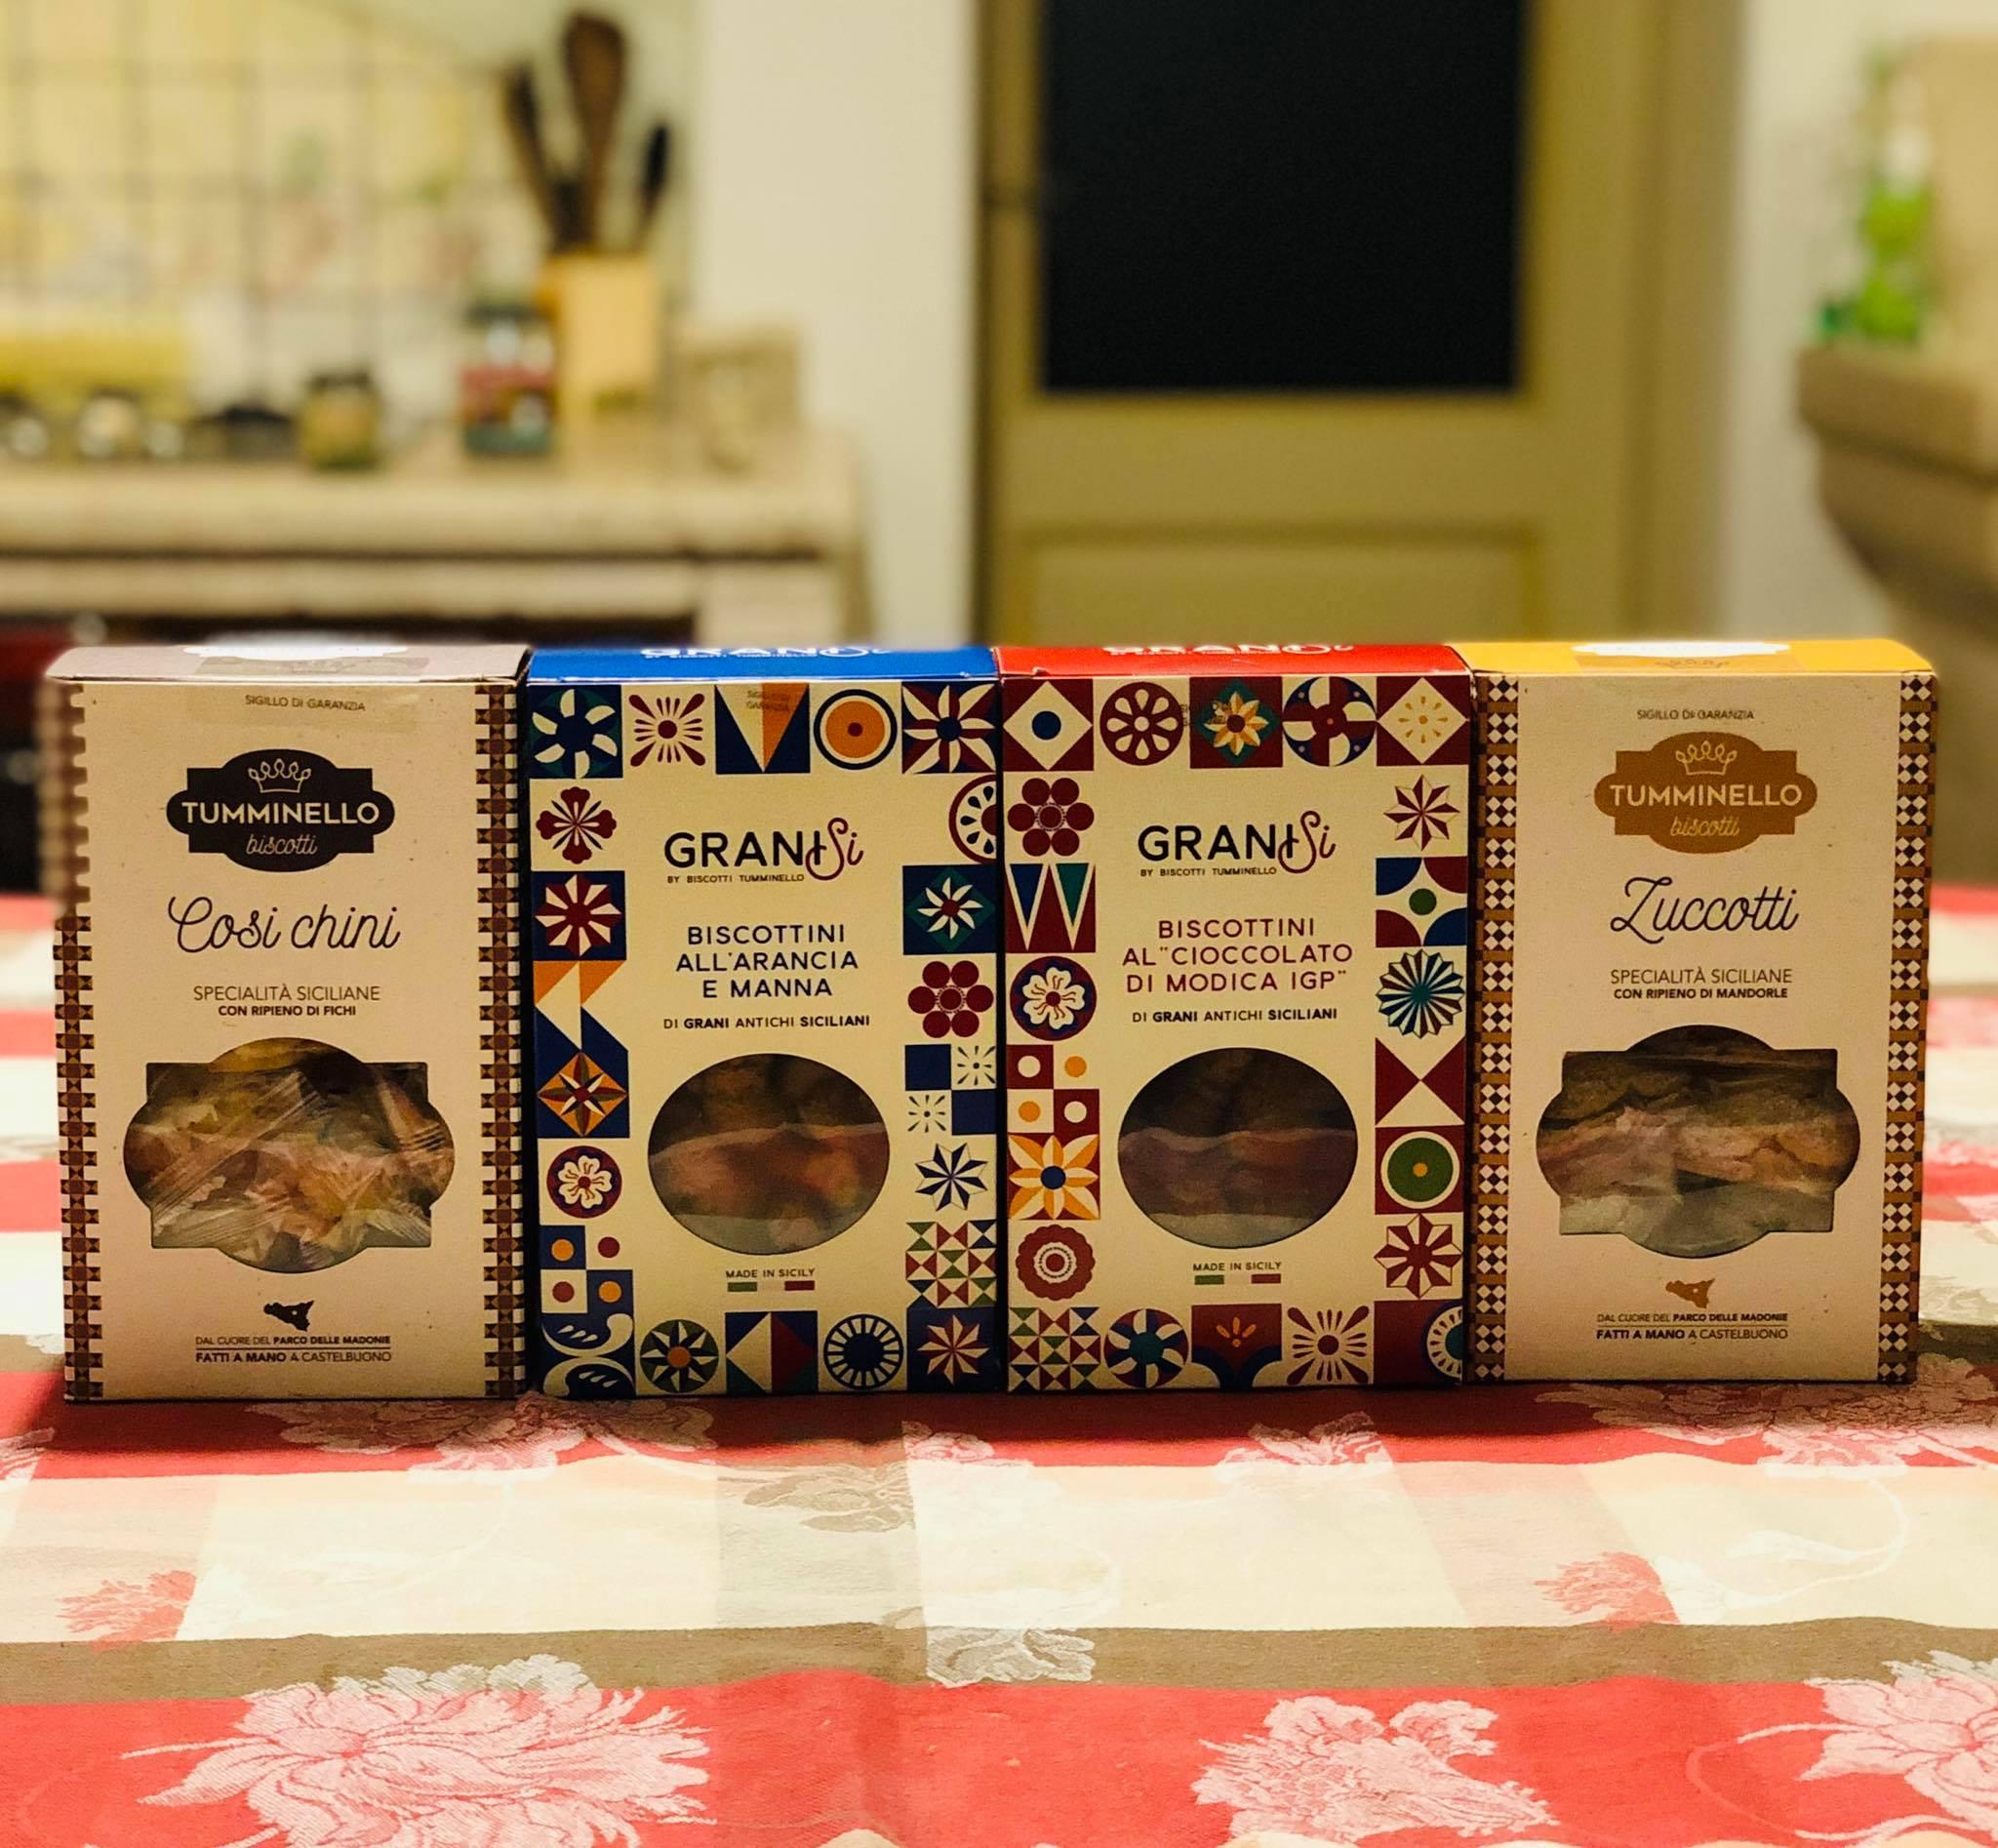 Da Castelnuovo i biscotti belli, buoni e Siciliani di Tumminello